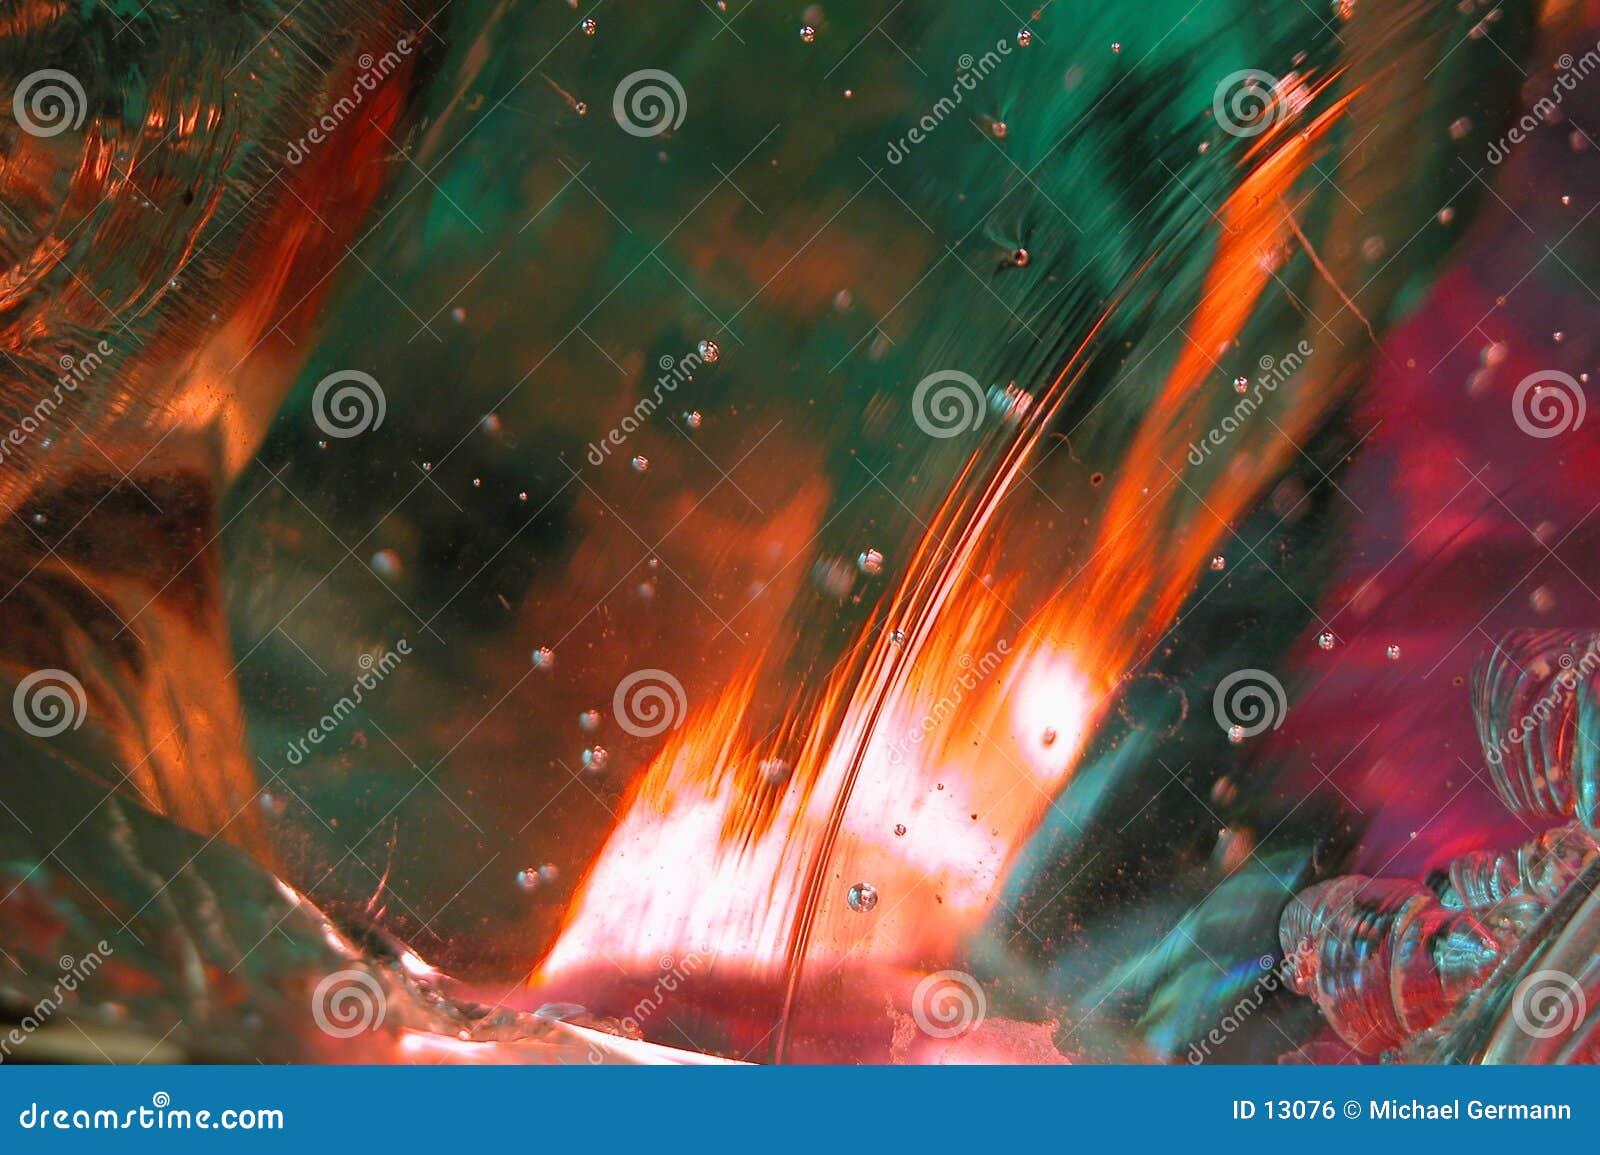 Sumário 8 do vidro derretido